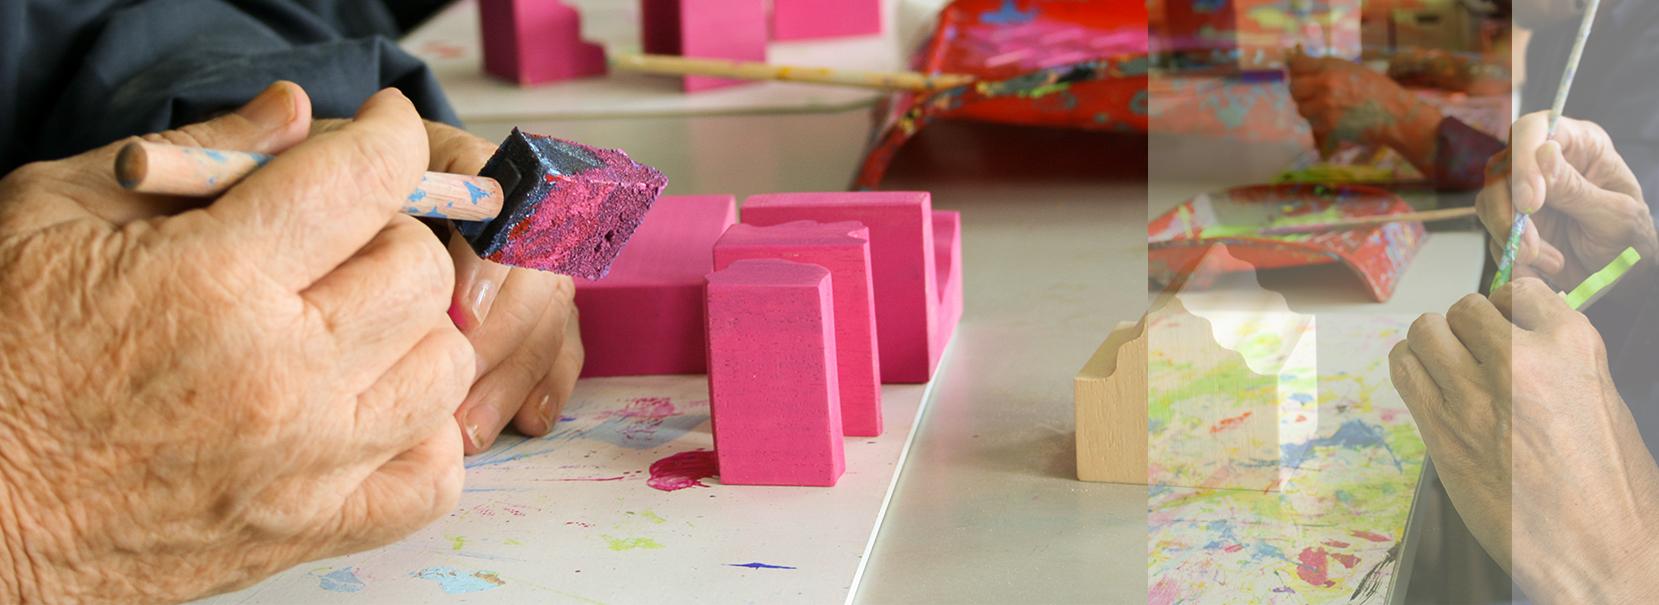 fotografía de detalle de manos pintando los puzzles